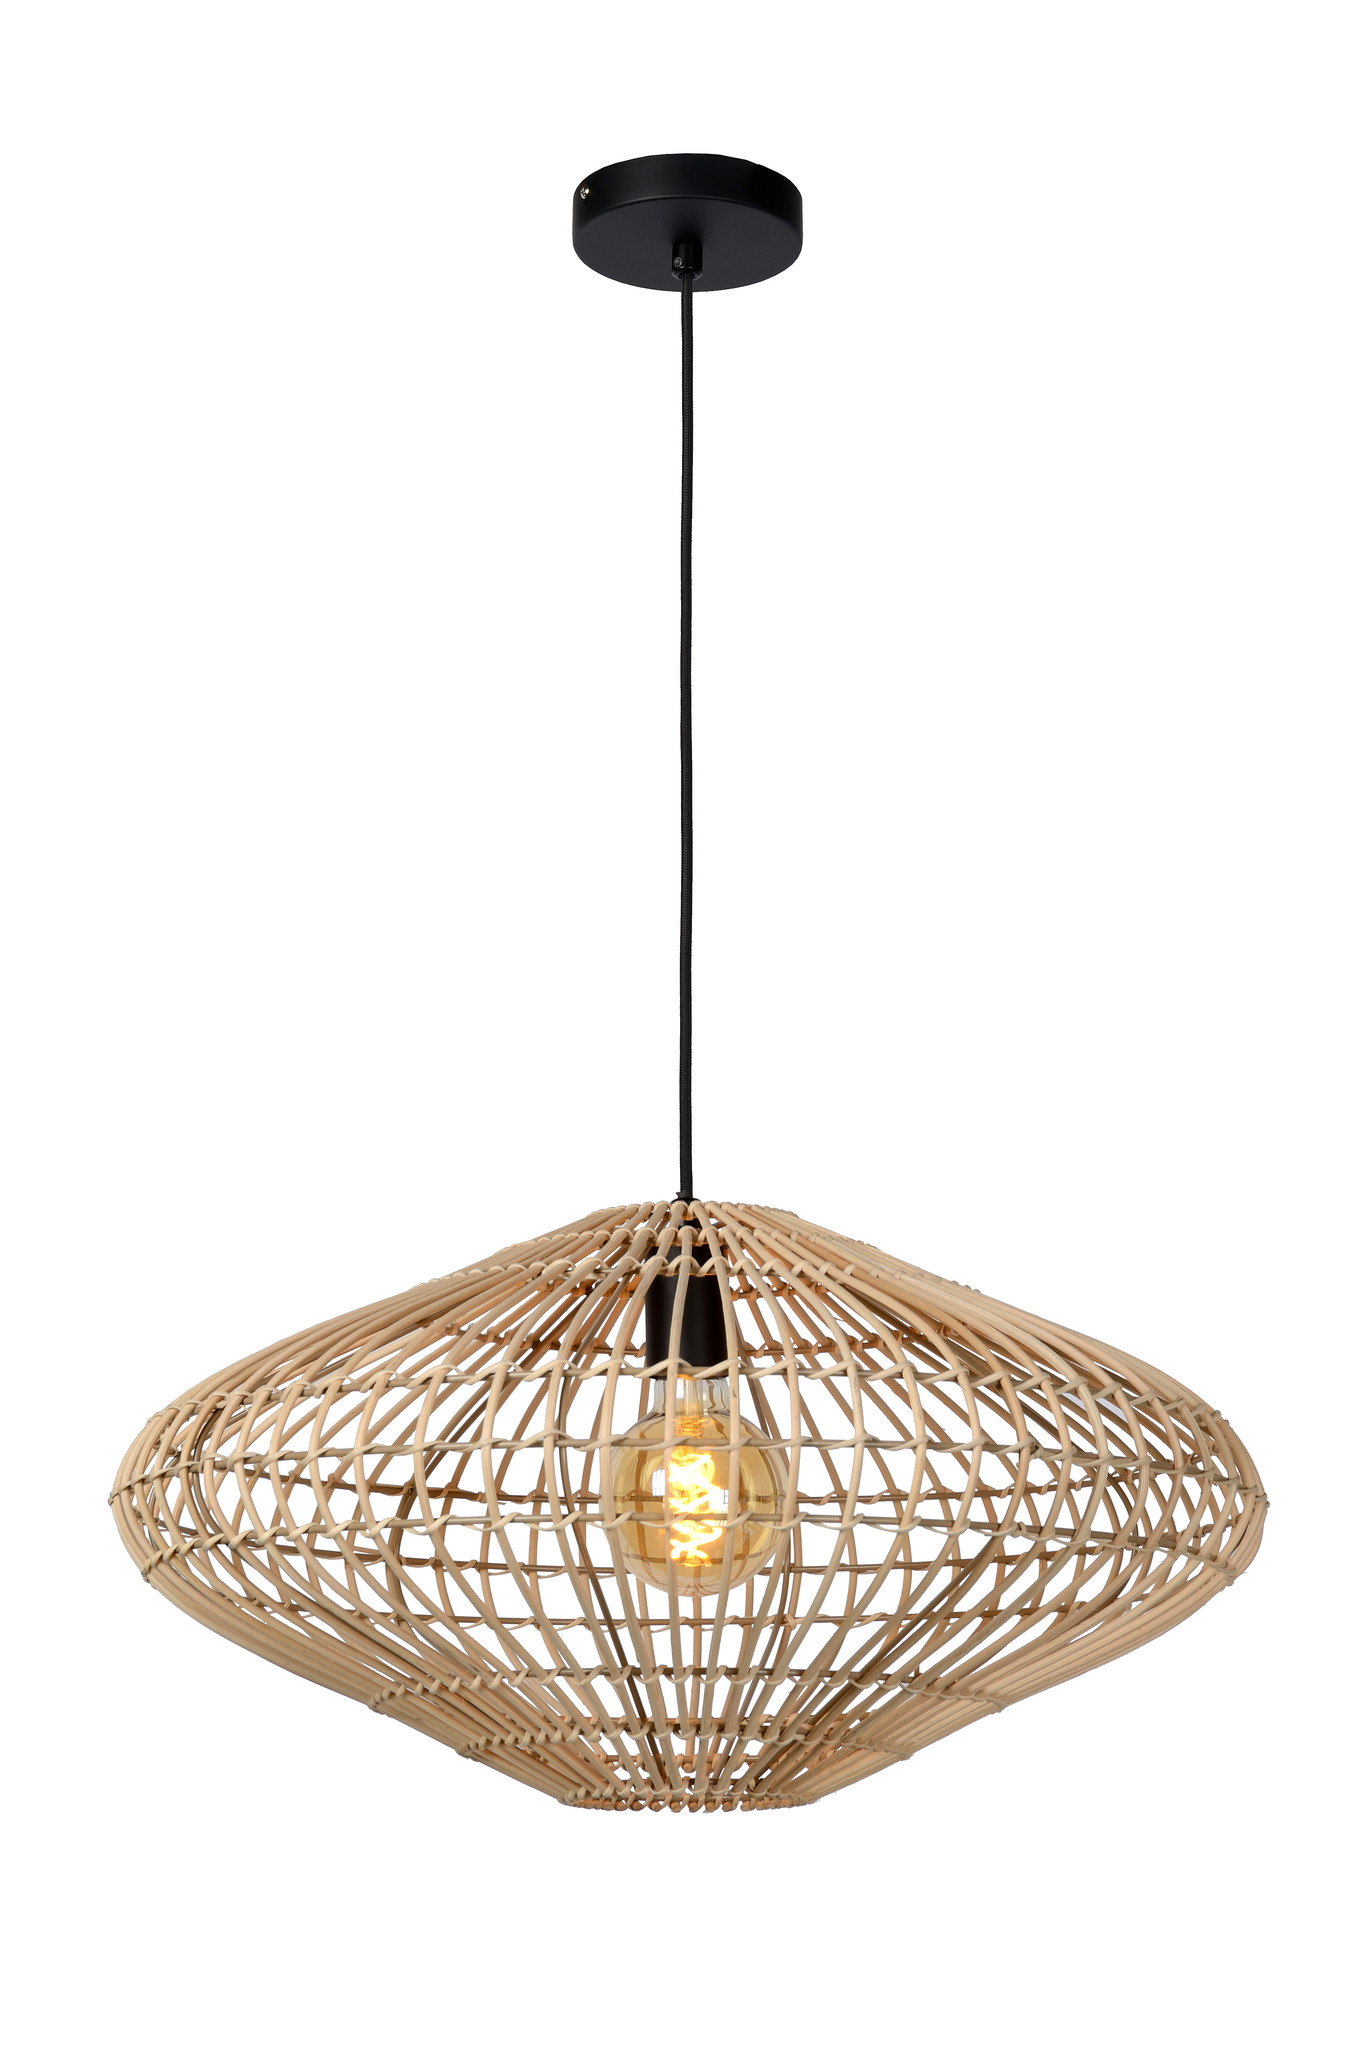 Lucide MAGALI Hanglamp-Licht .-Ø56-1xE27-40W-Rotan